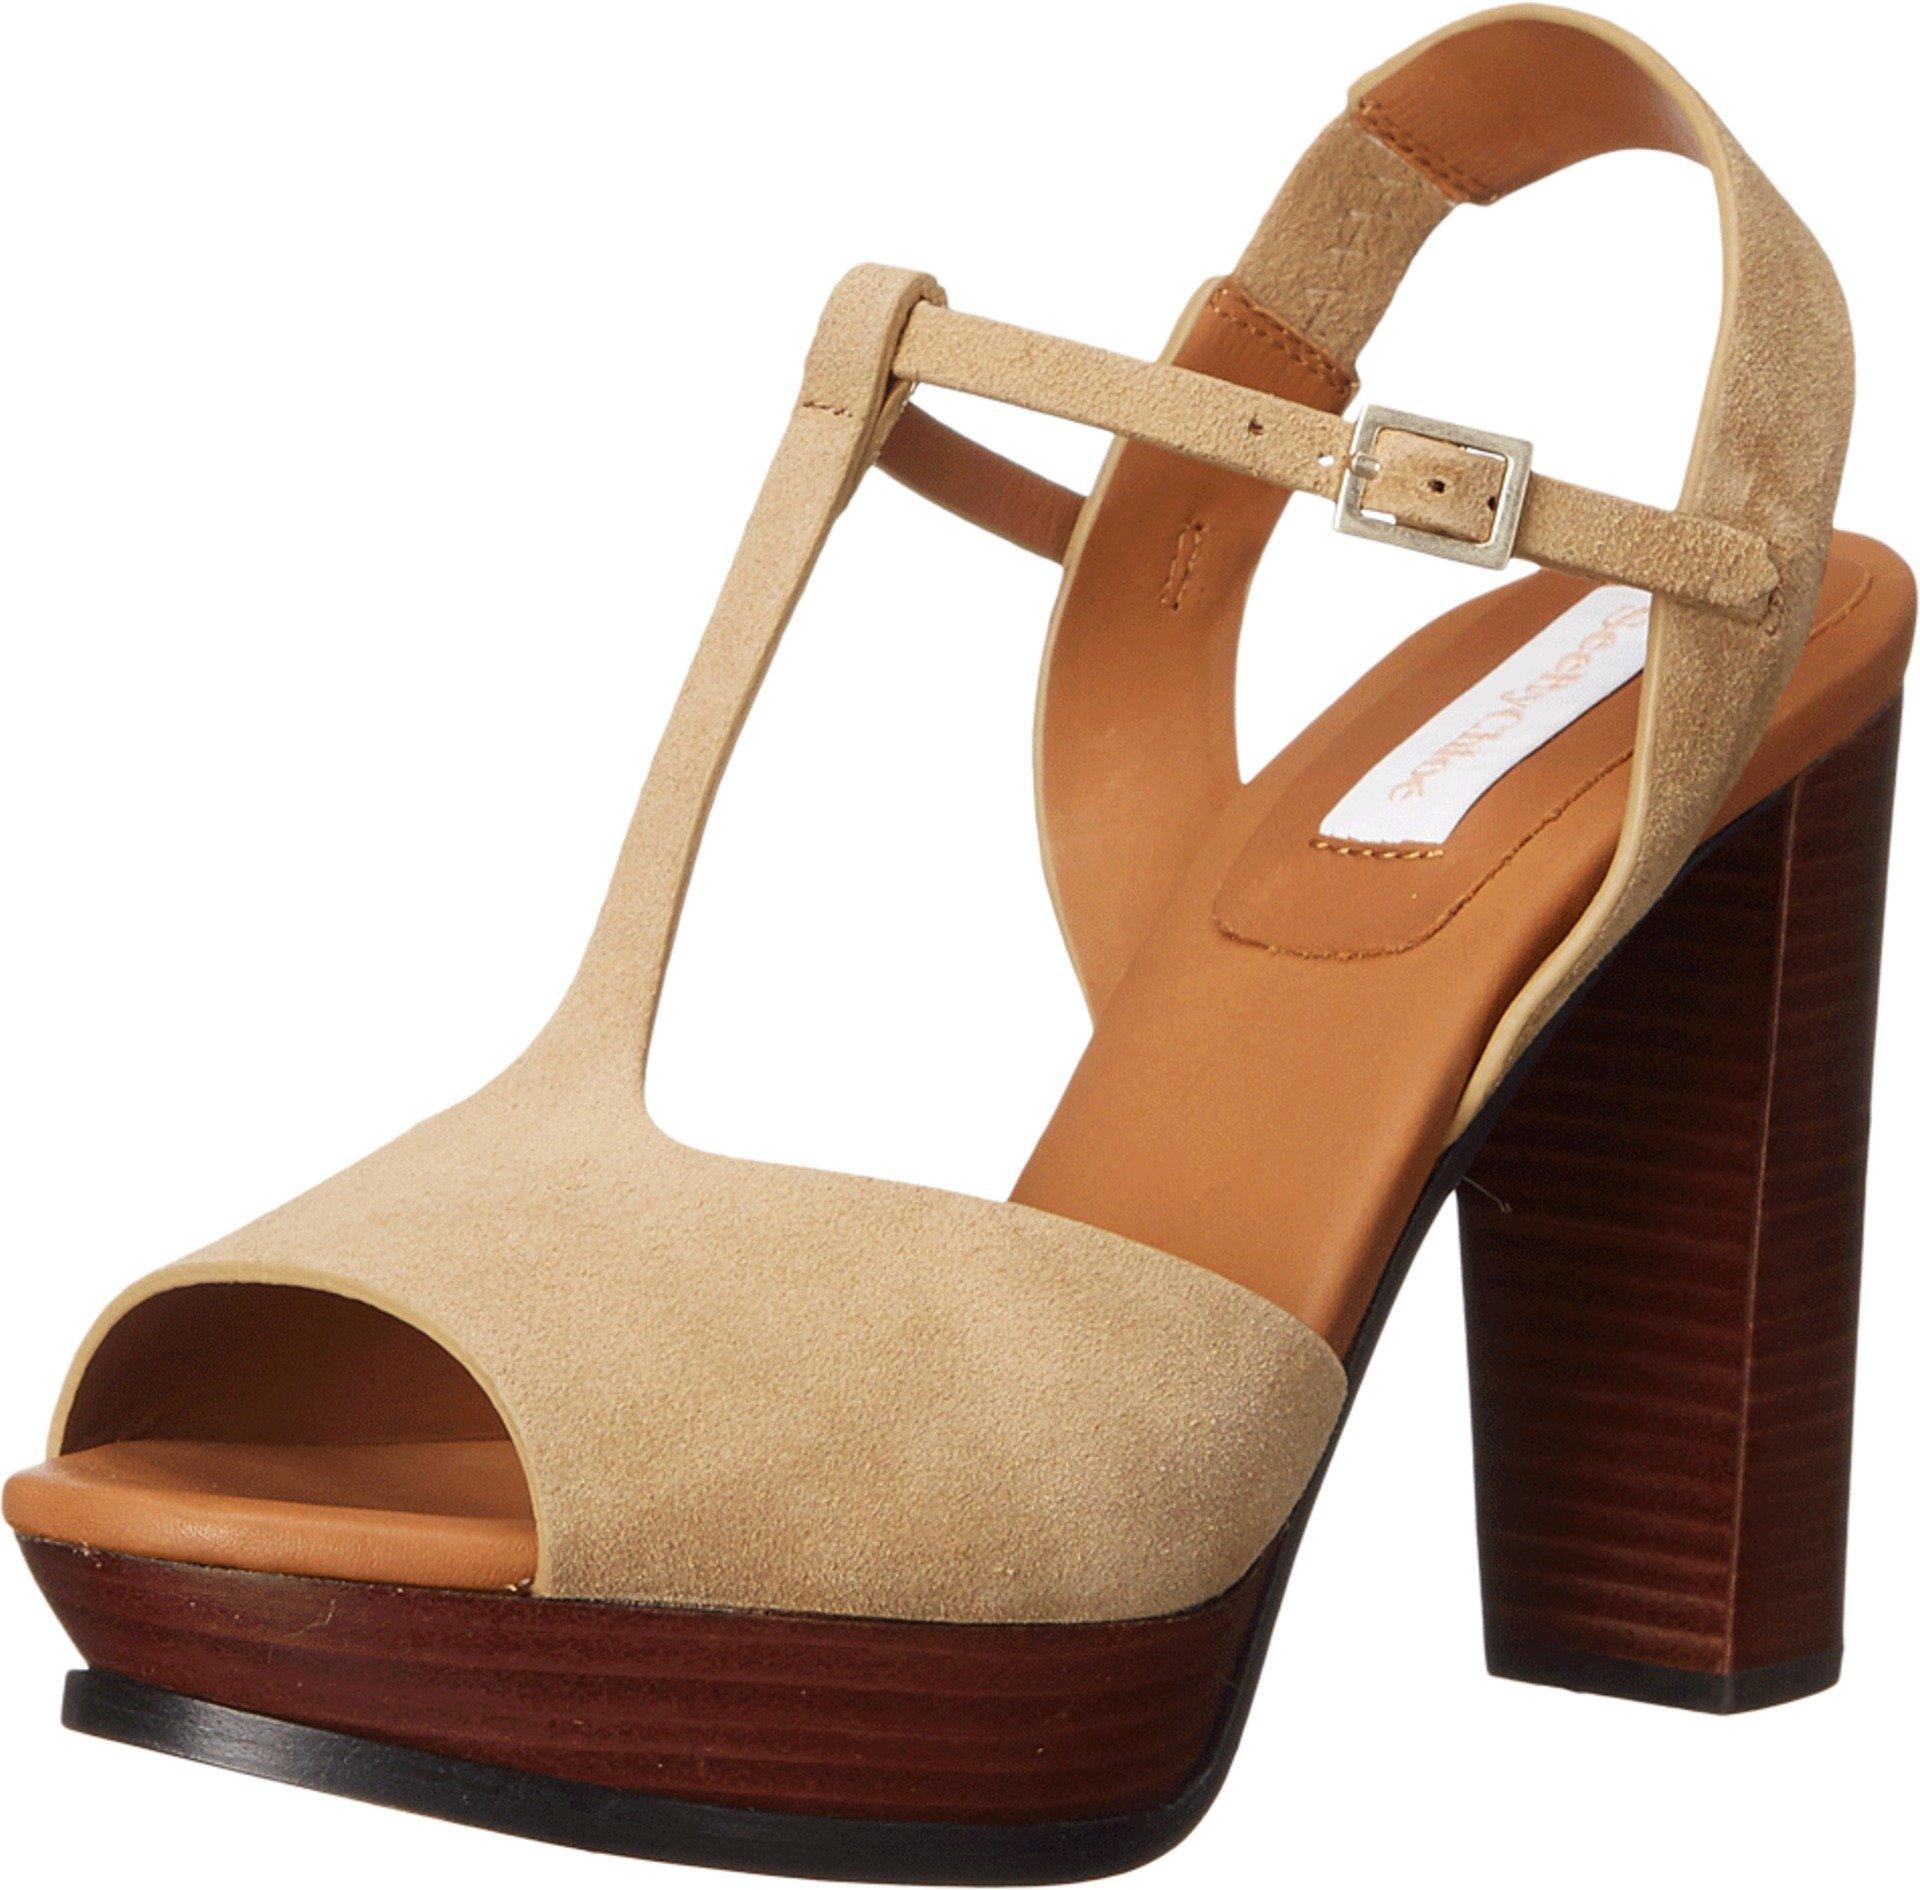 See by Chloe Women's SB24100 Beige Sandal 36 (US Women's 6) M